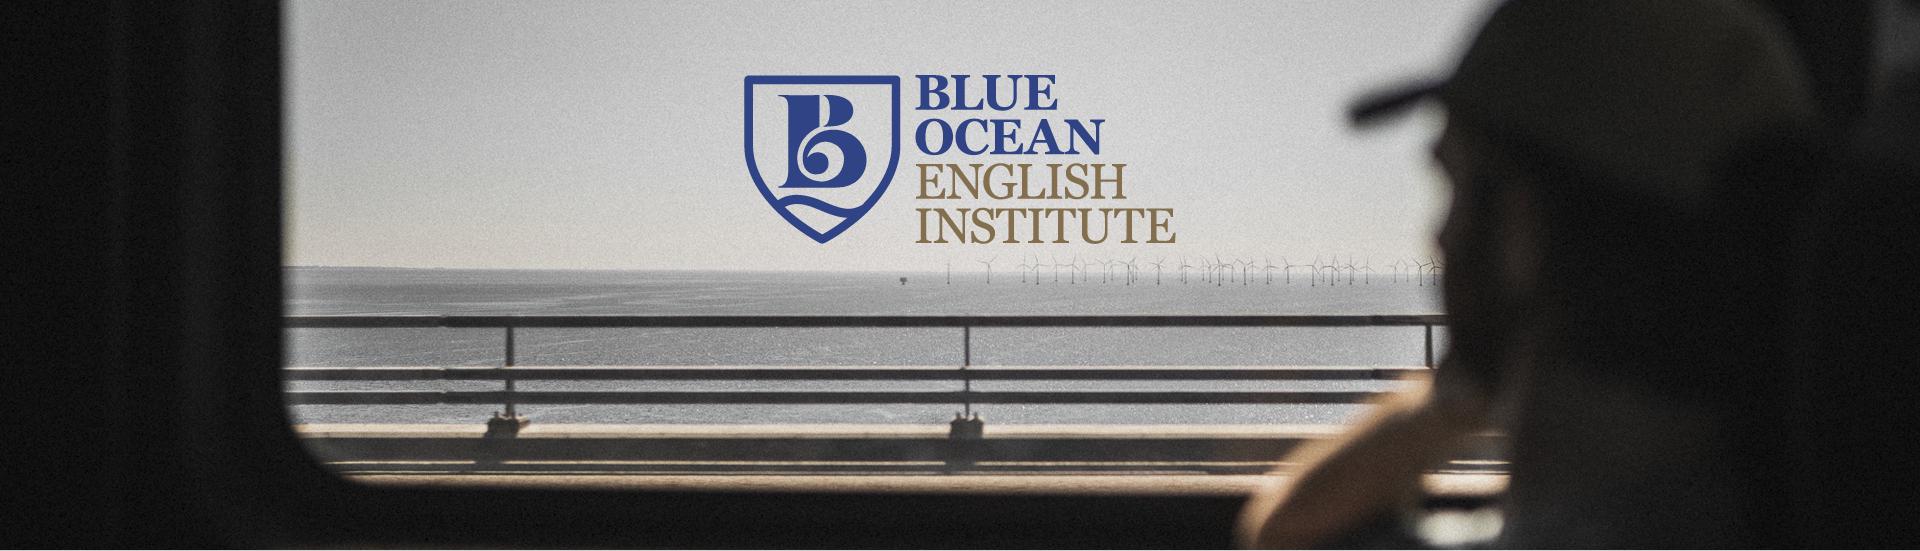 logo Blue Ocean English Institute Catanzaro